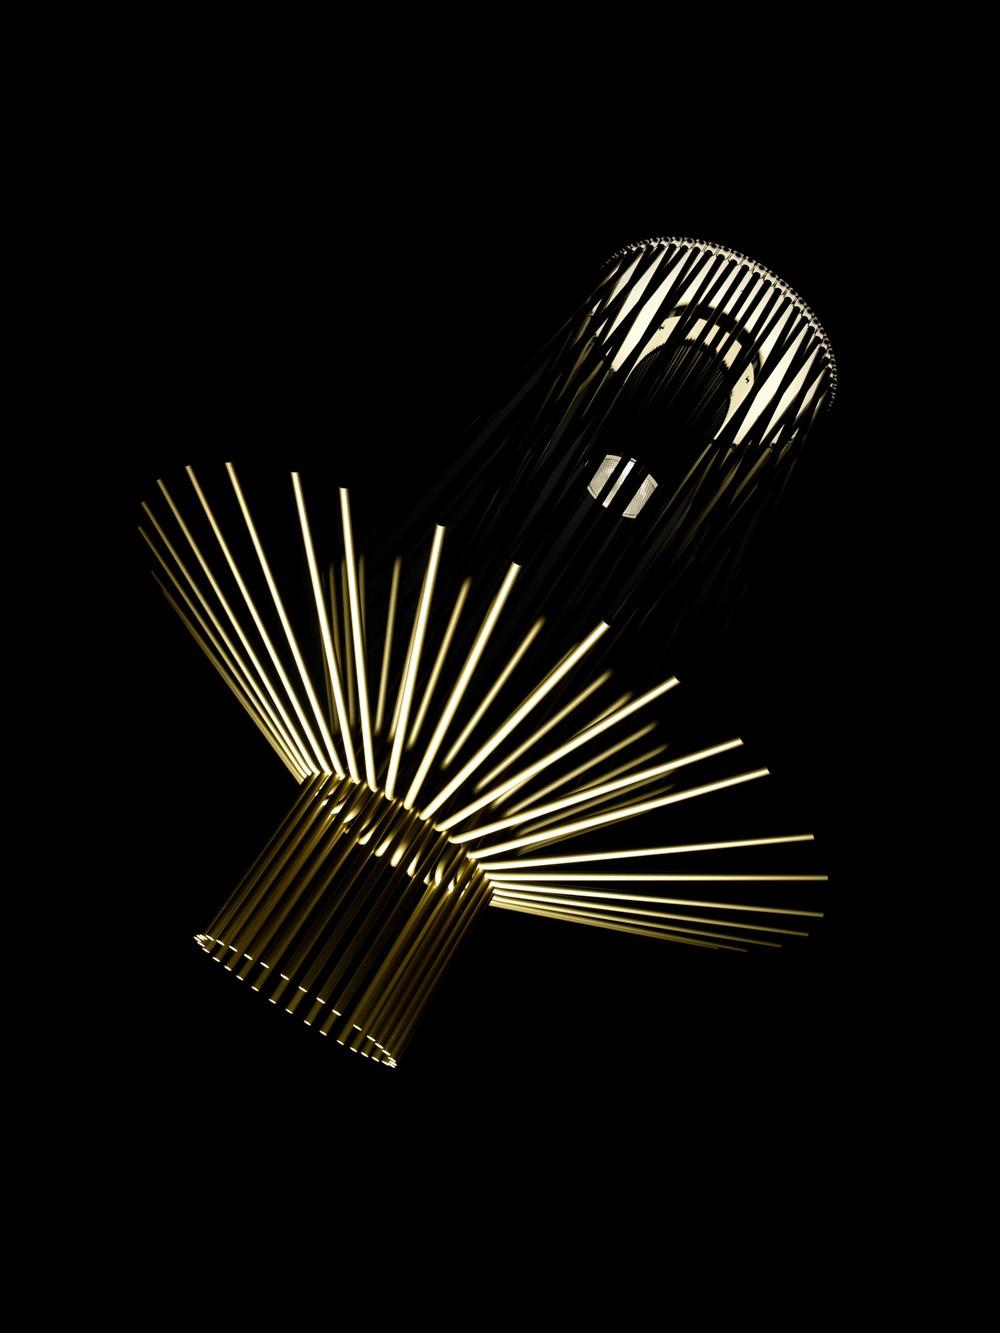 foscarini-allegretto-assai-suspension-lamp-2_1.jpg